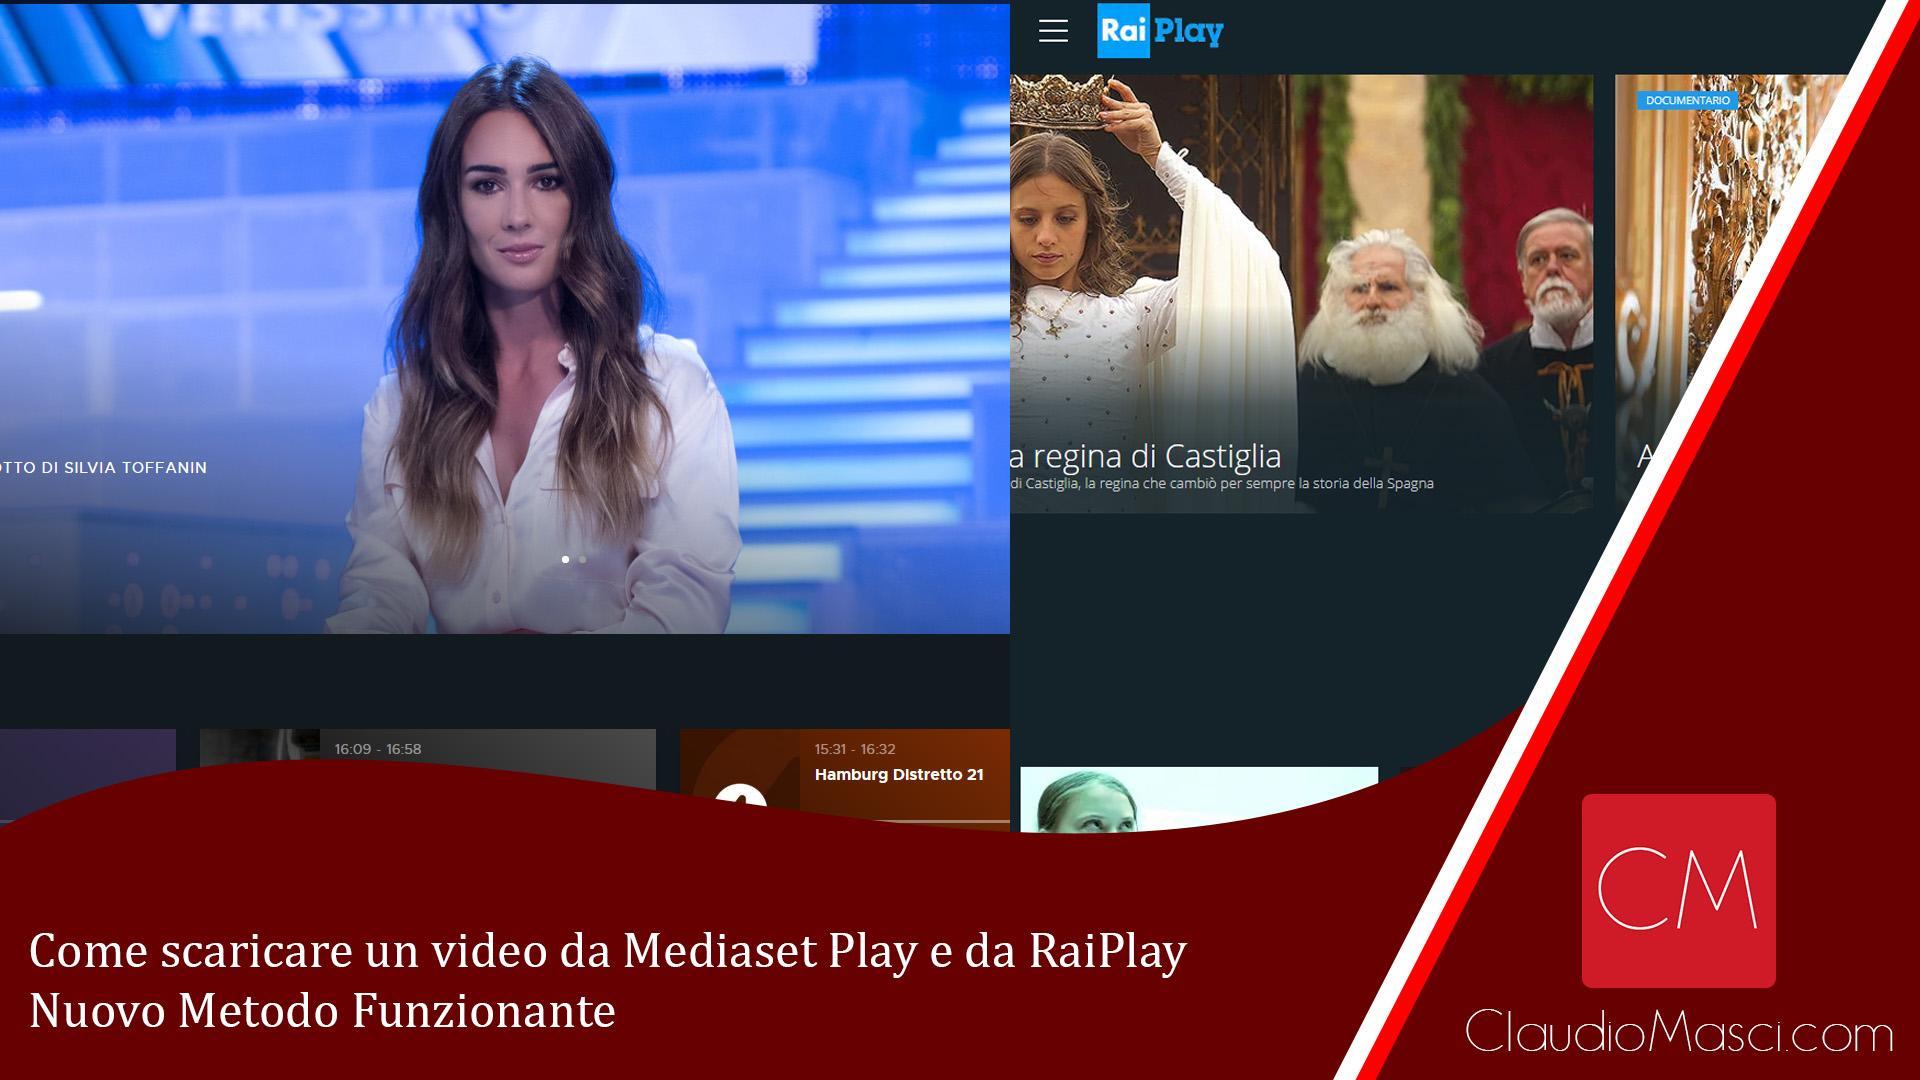 Come scaricare un video da Mediaset Play e da RaiPlay – Nuovo Metodo Funzionante